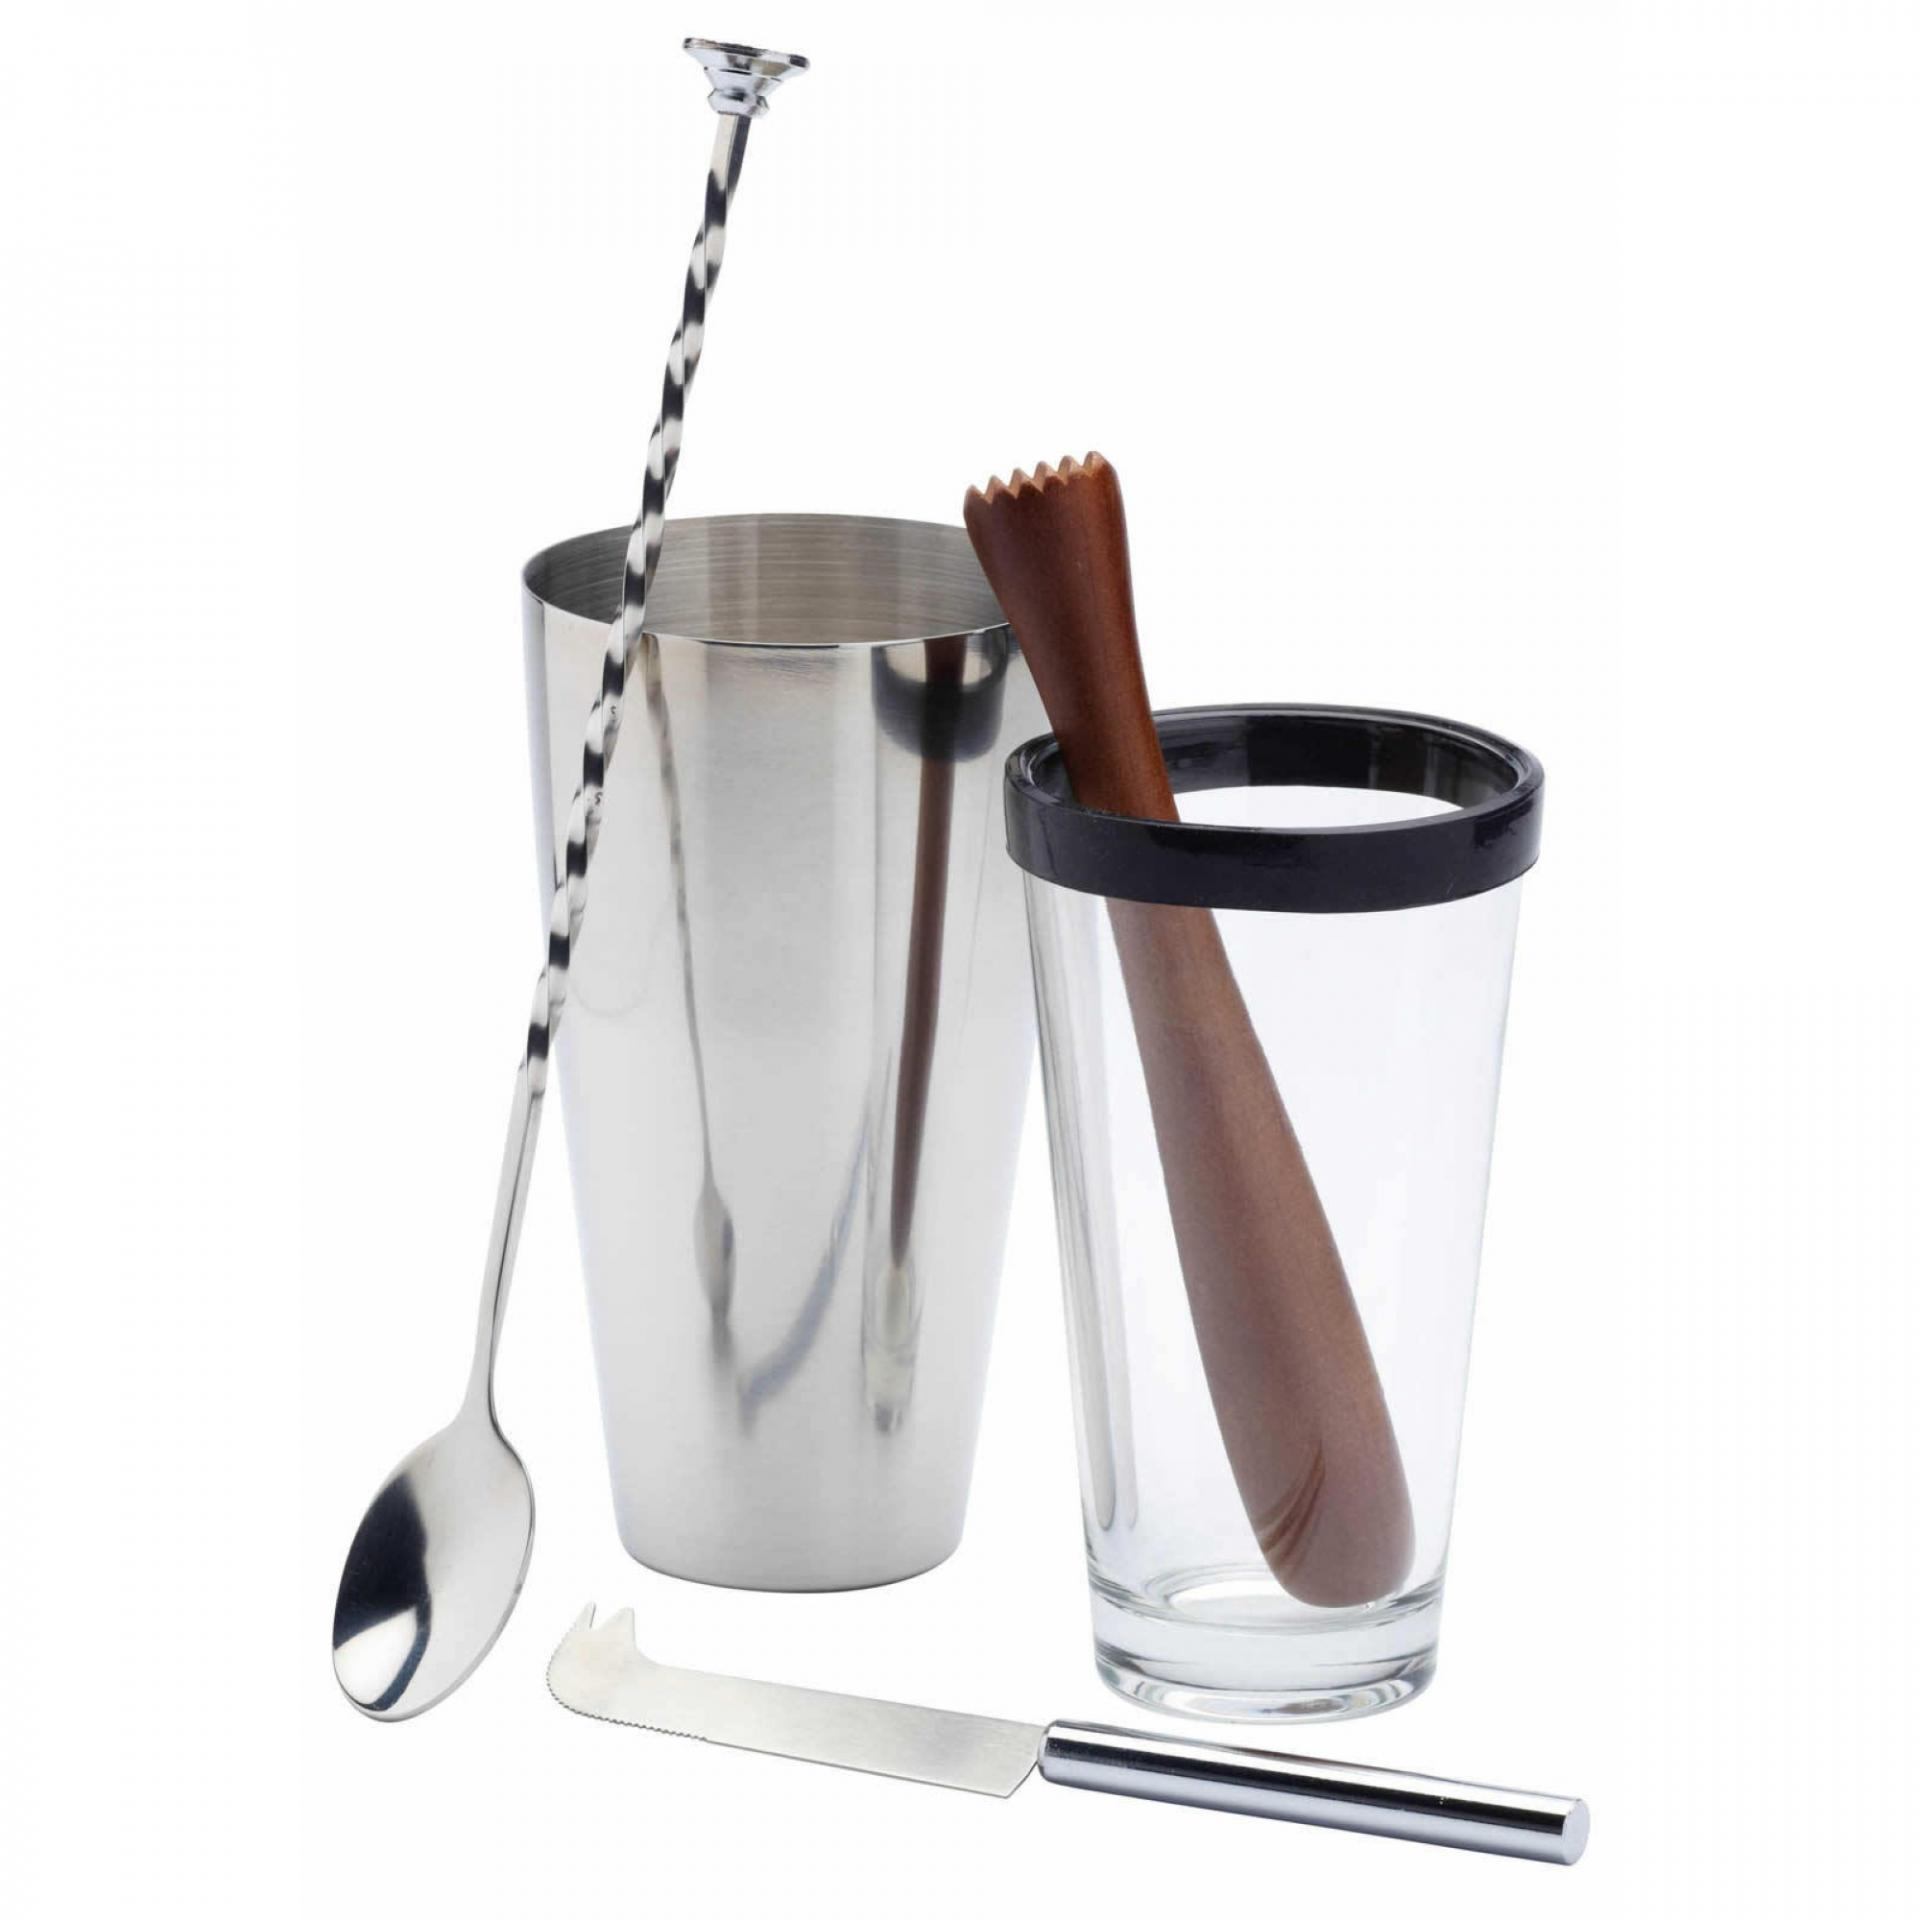 Kitchen Craft Sada kokejlového shakeru Mojito, stříbrná barva, sklo, kov